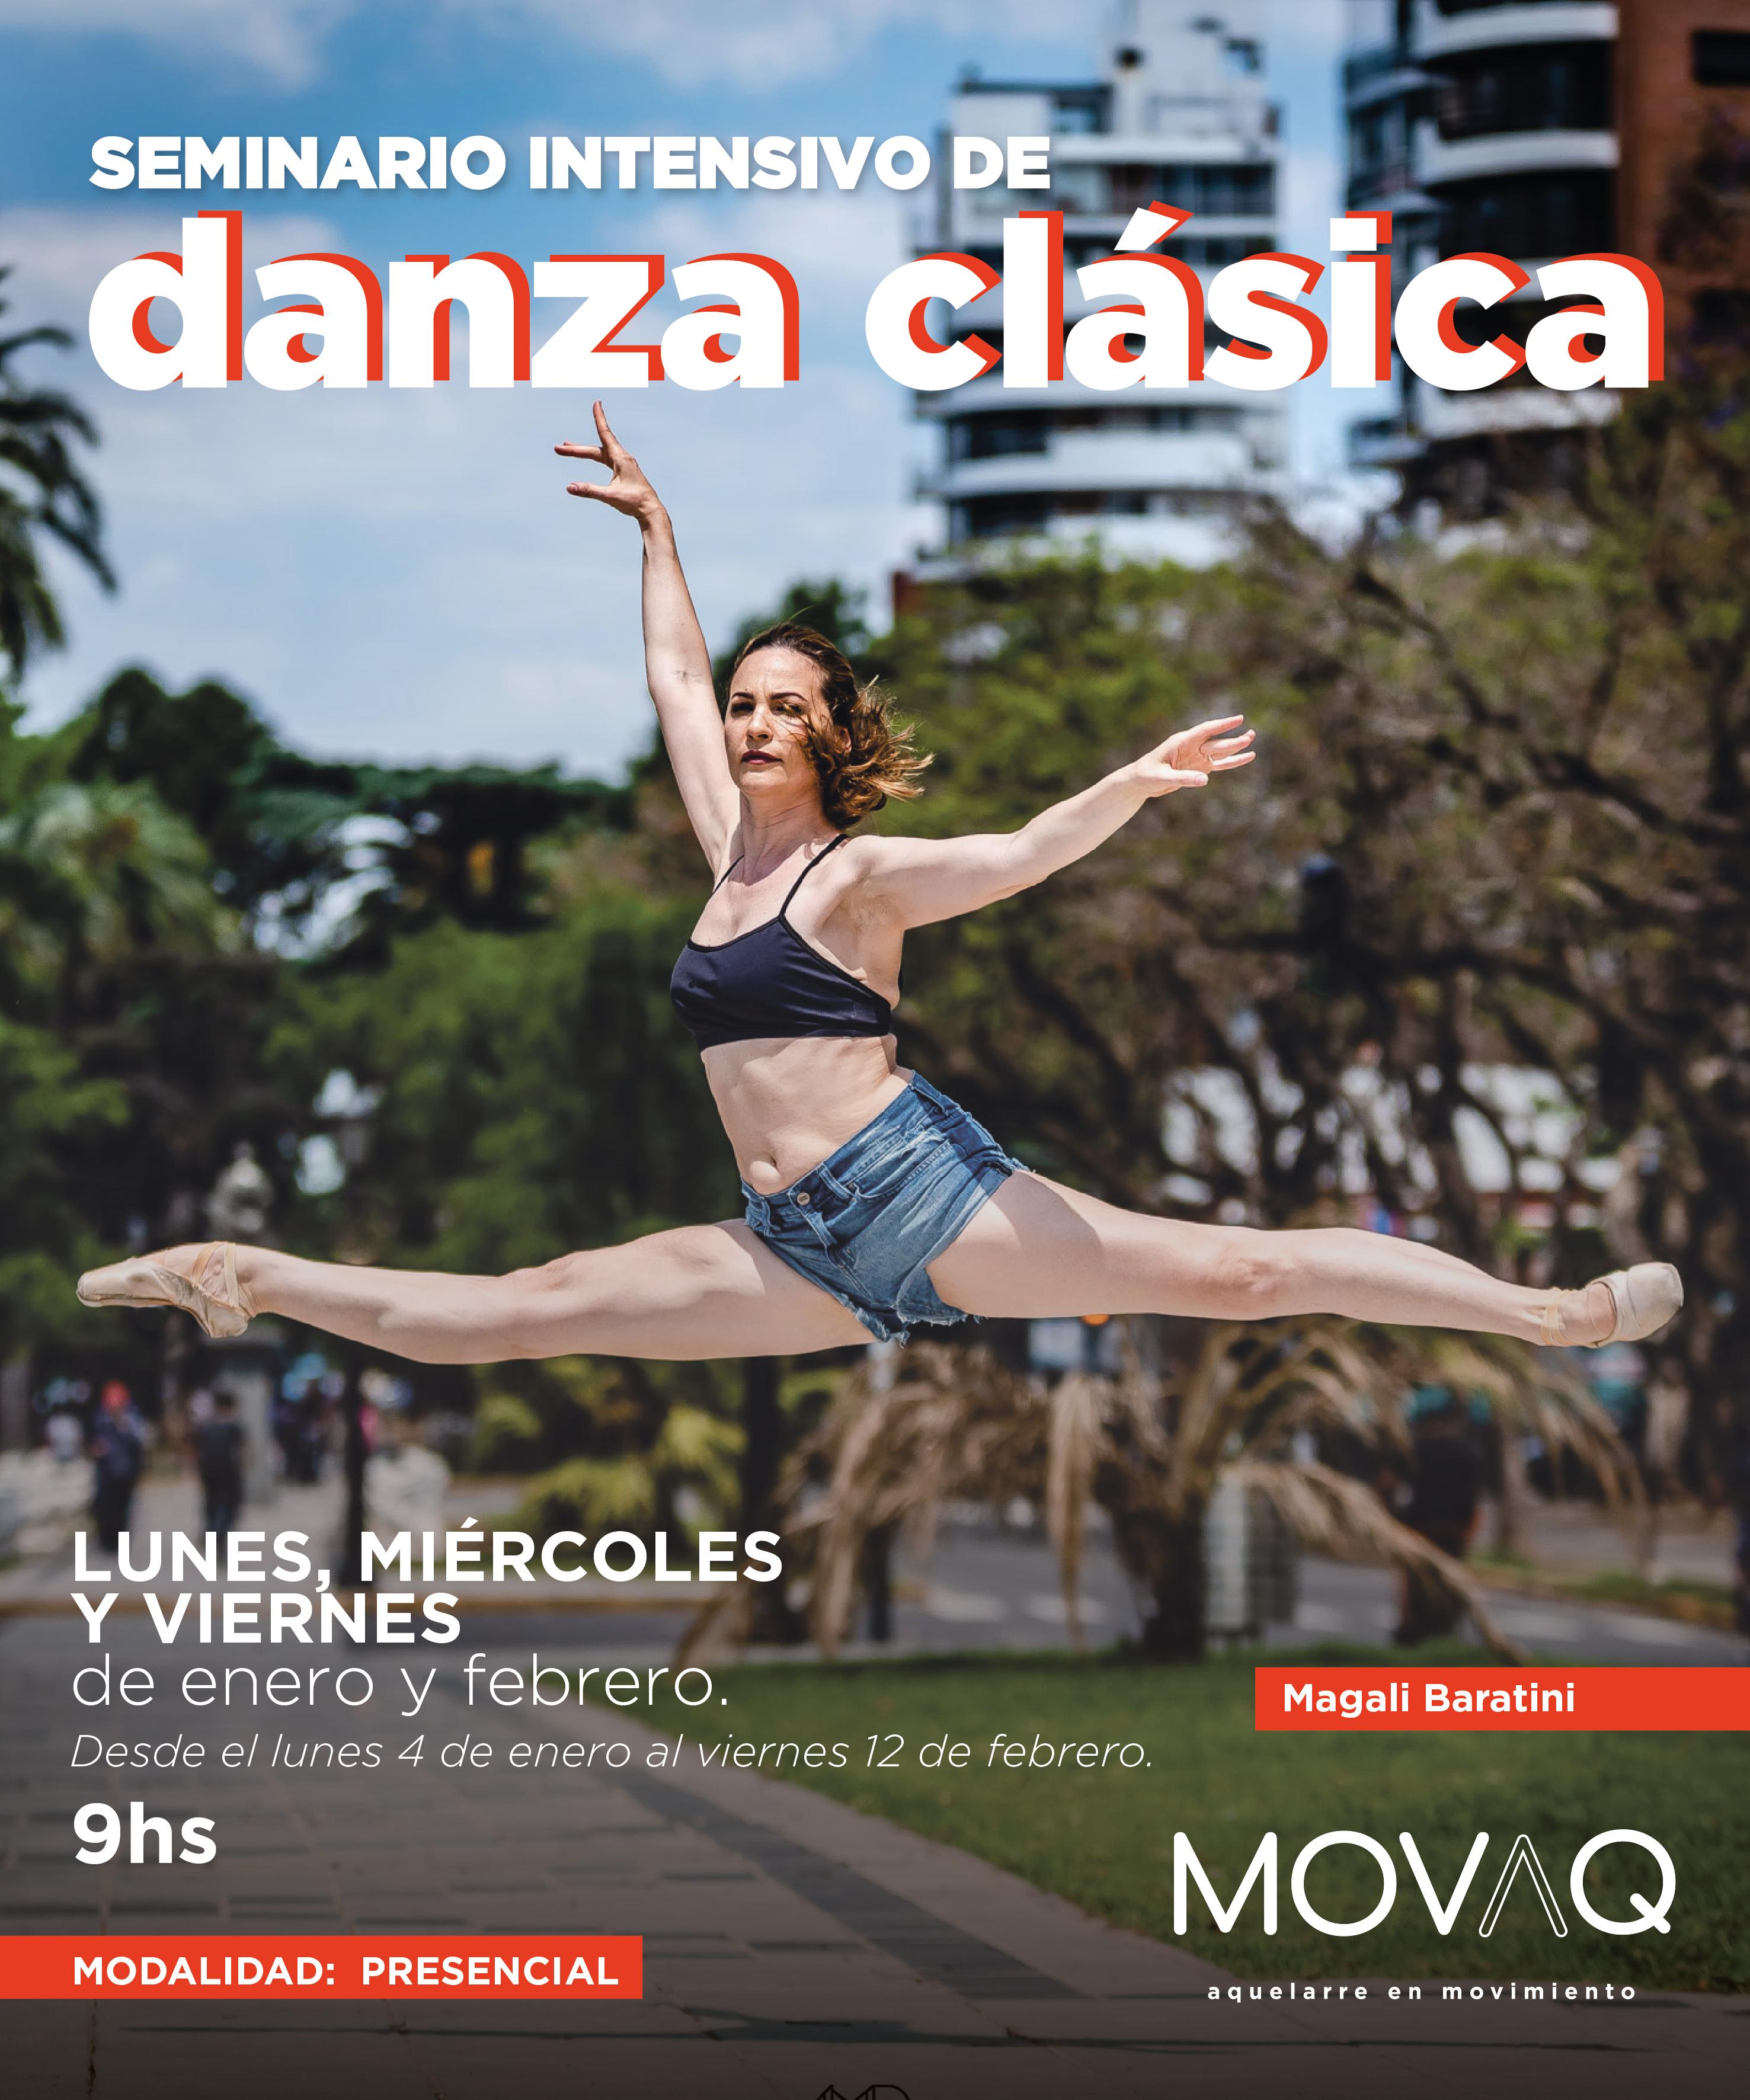 Seminario Intensivo  de Danza Clásica -